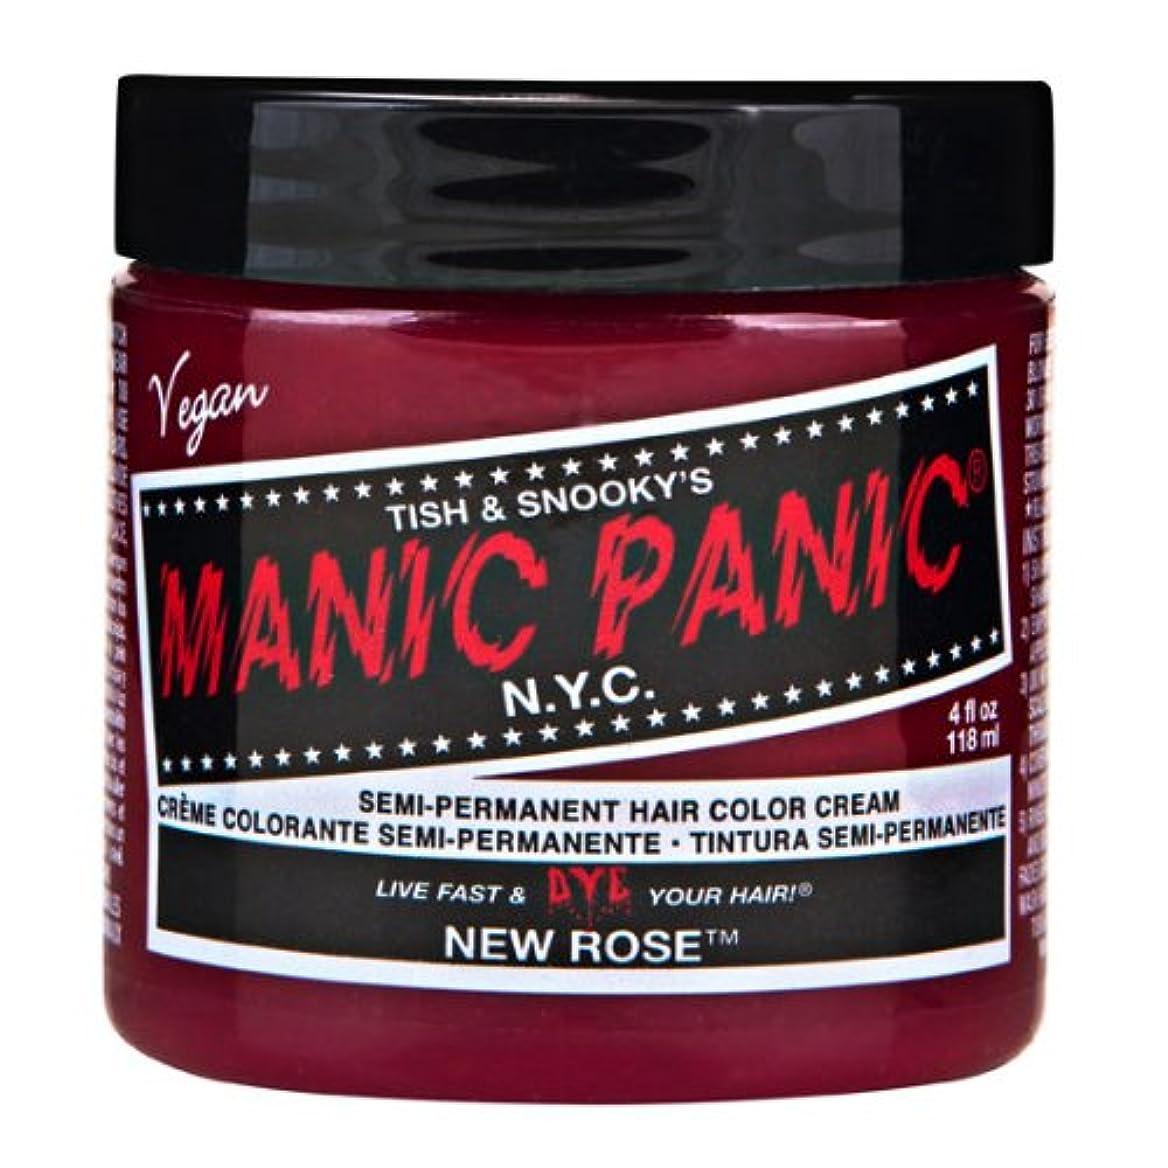 半球アスリート放射能スペシャルセットMANIC PANICマニックパニック:New Rose (ニューローズ)+ヘアカラーケア4点セット